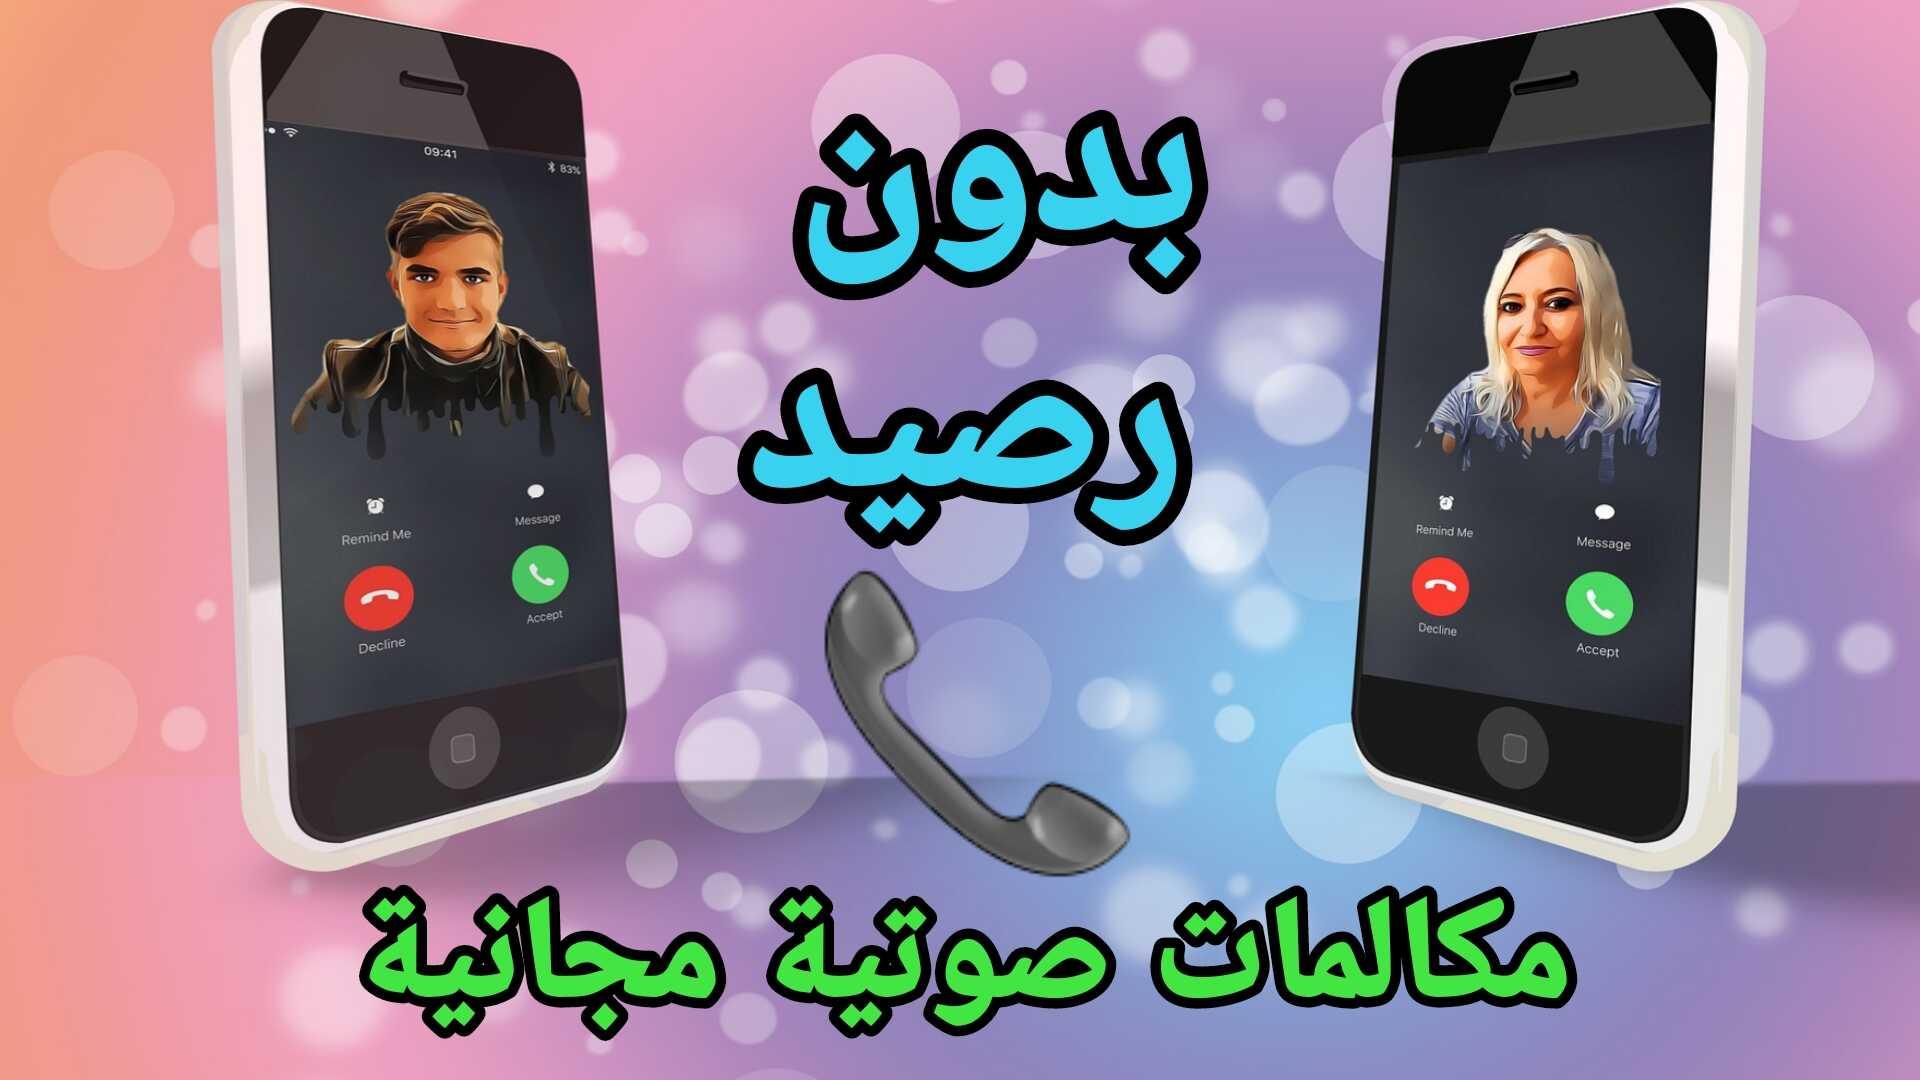 مكالمات صوتية مجانية الاتصال مجاناً بكل دول العالم بدون رصيد